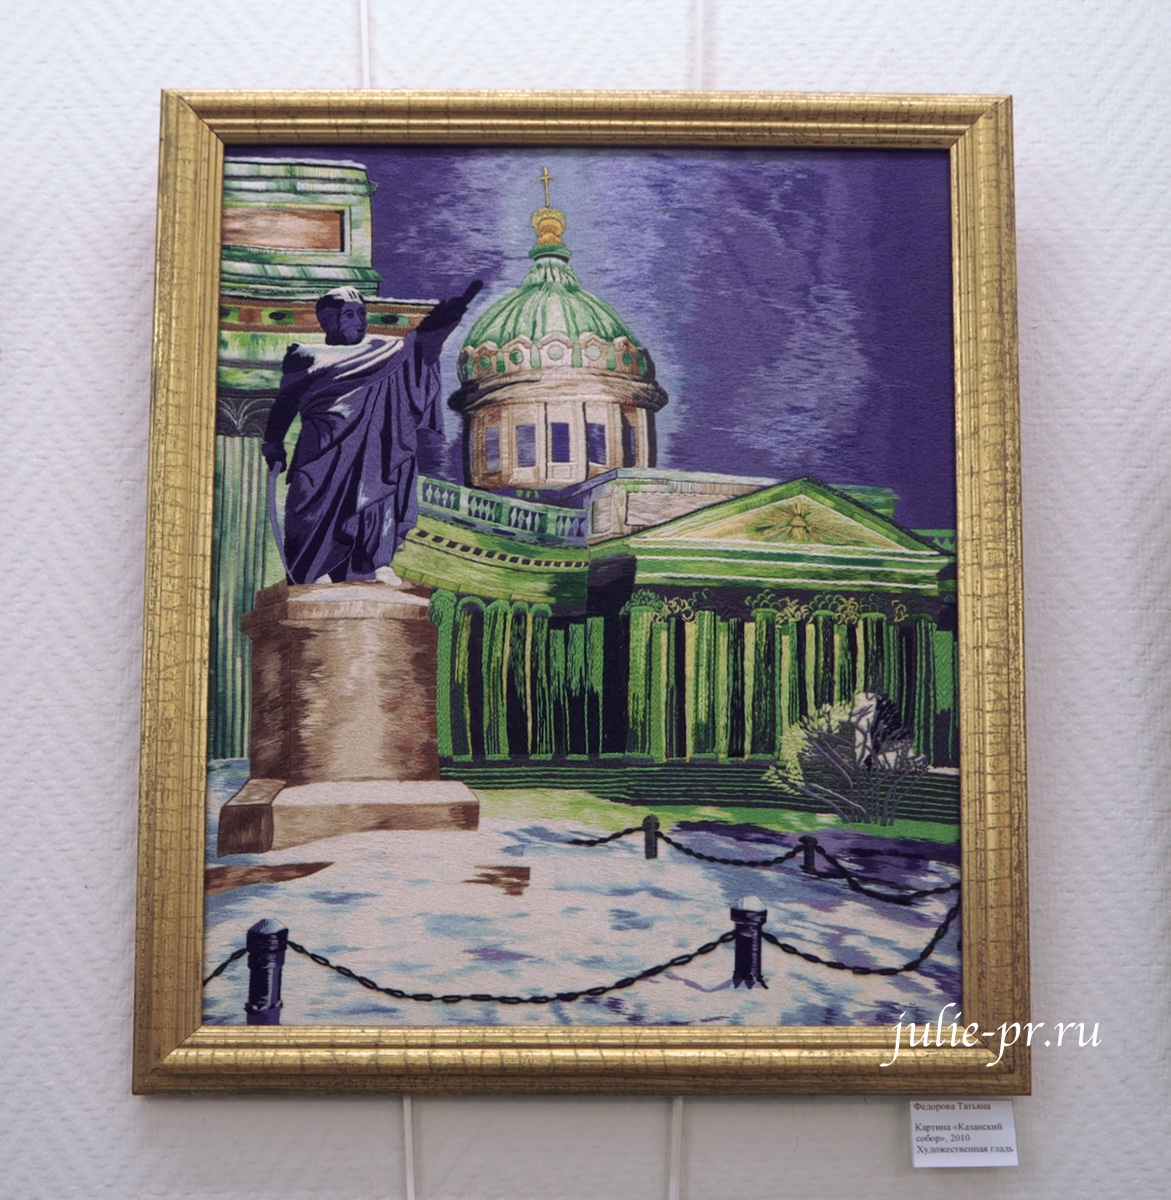 Казанский собор, вышивка гладью, выставка, Иголочка тонка, да достаёт до сердца, Санкт-Петербург,